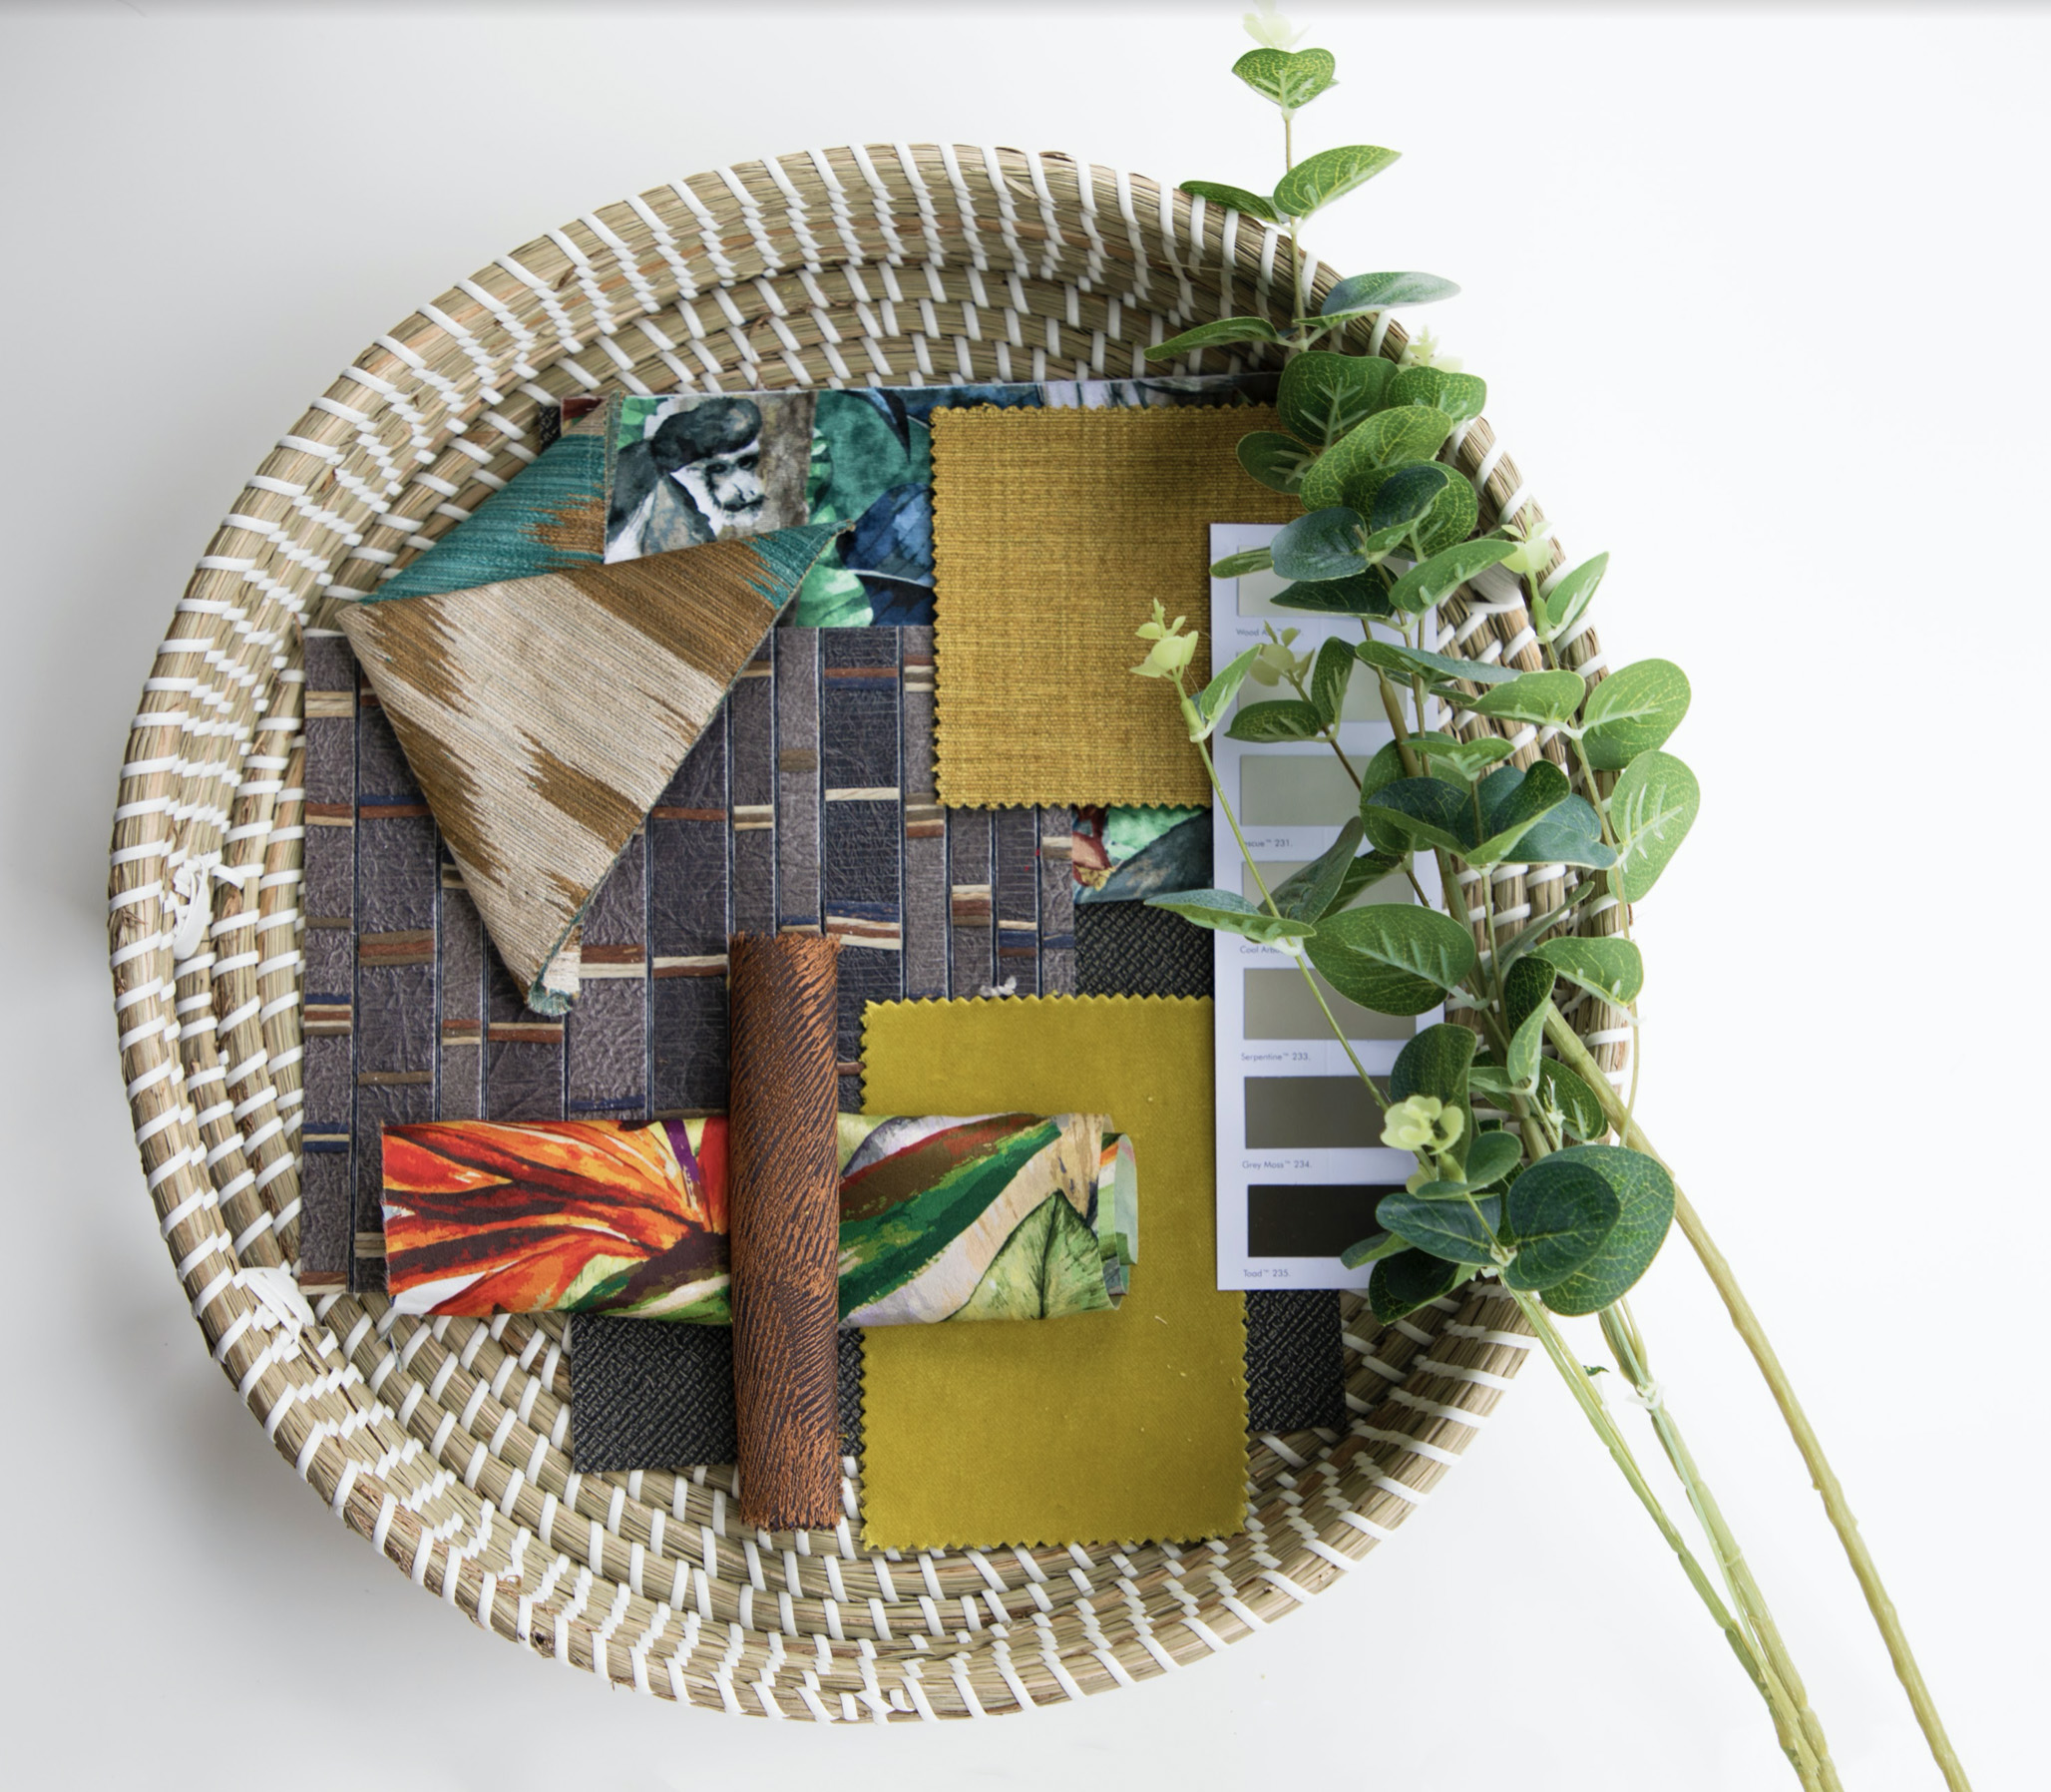 UKUMBI African Restaurant, materials board